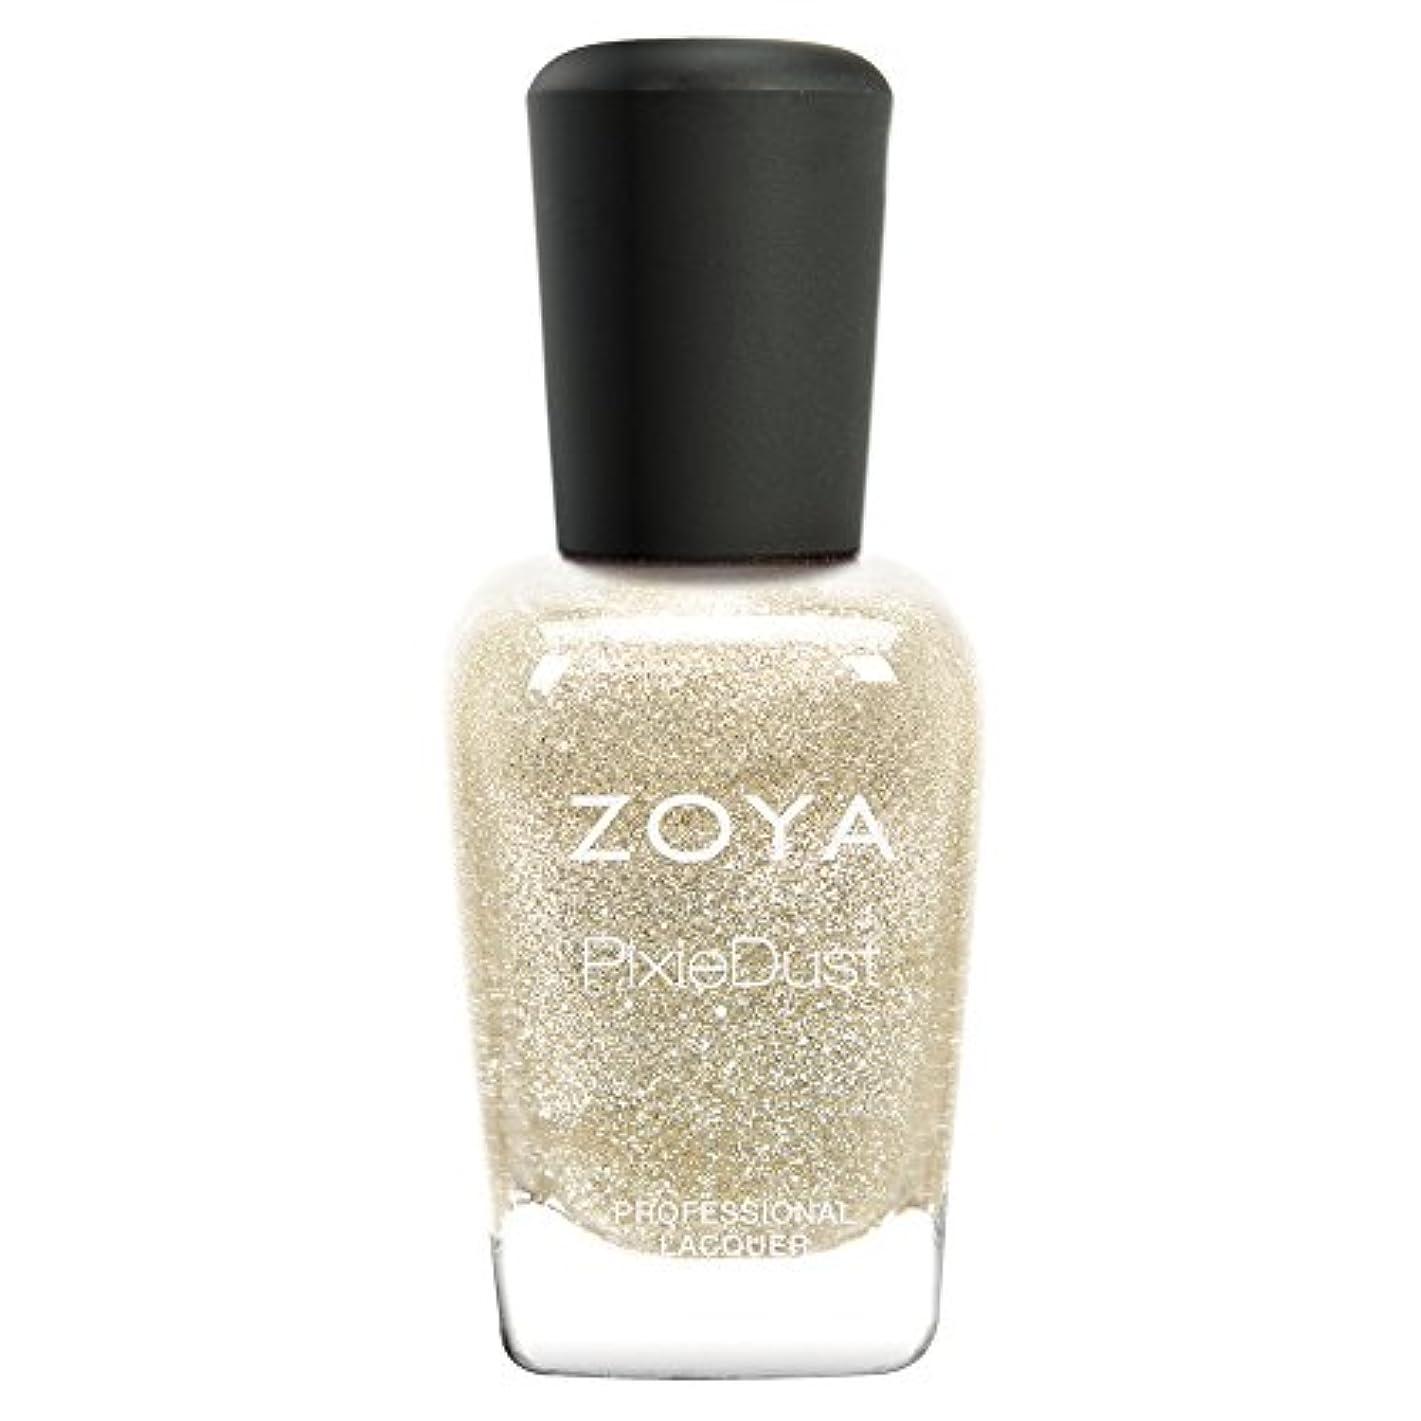 ZOYA ゾーヤ ネイルカラーZP698 TOMOKO トモコ 15ml  Pixie Dust 2013FALL Collection シャンパンシルバー マット/グリッター/メタリック 爪にやさしいネイルラッカーマニキュア